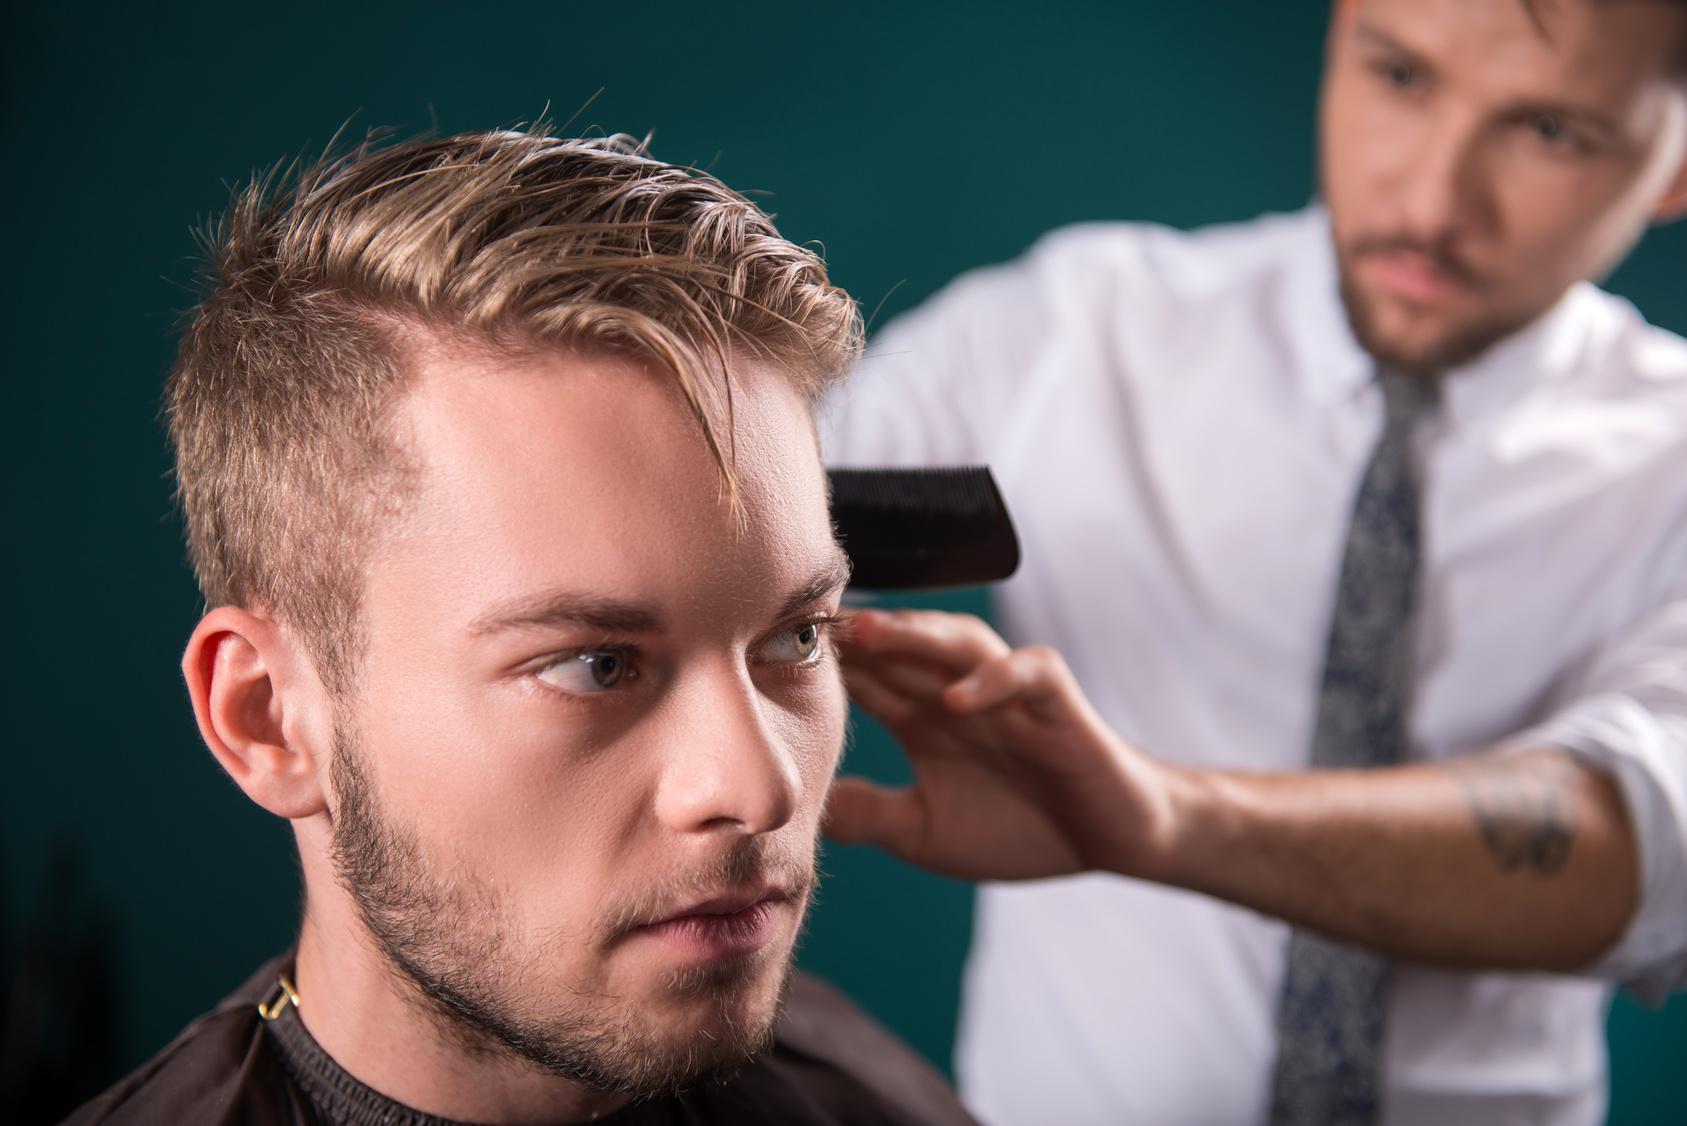 Męskie włosy  w dobrych rękach